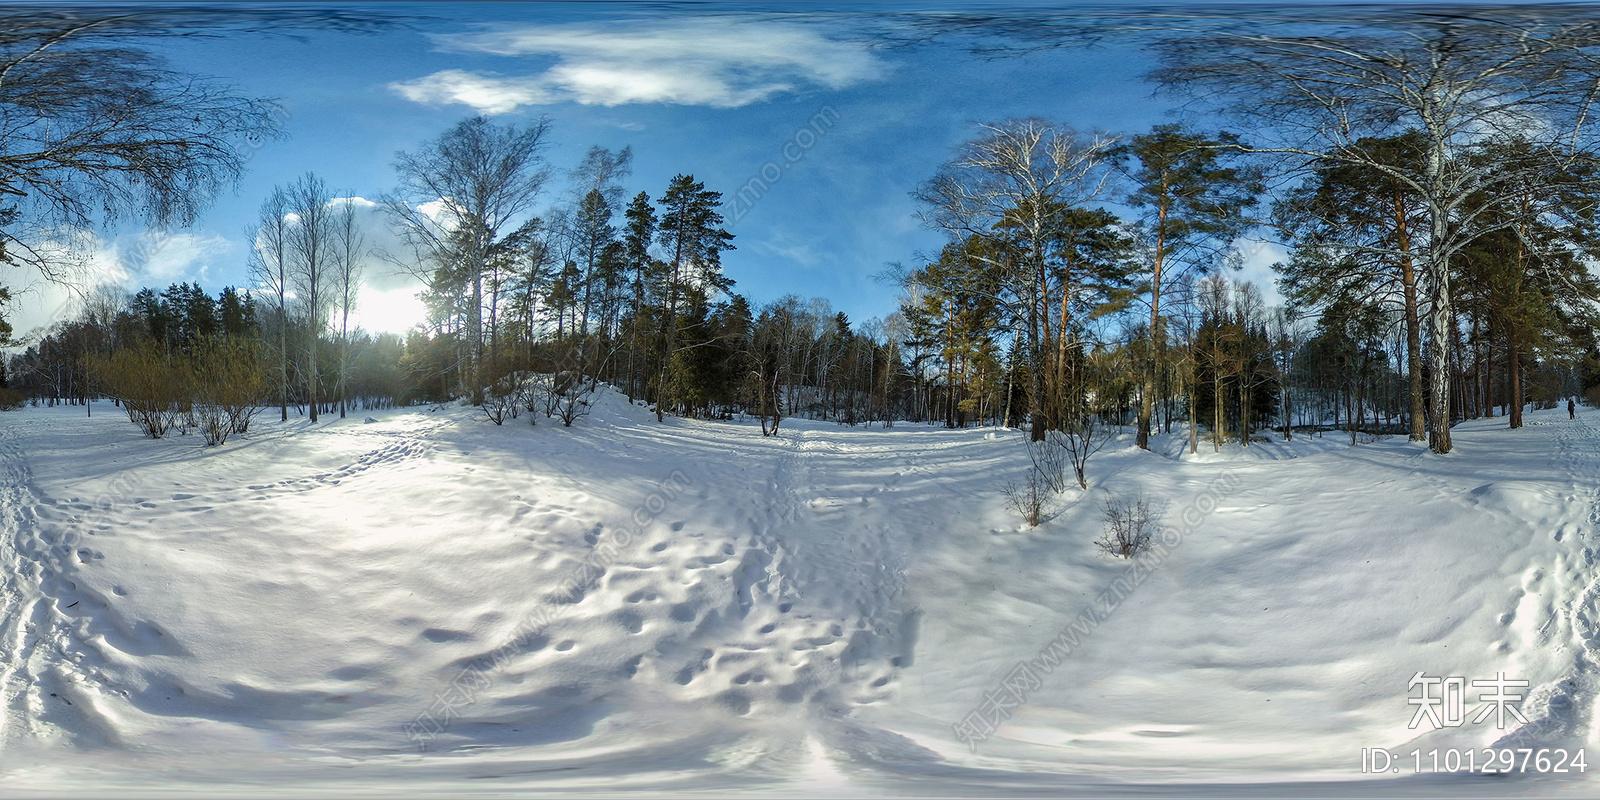 冬季雪景HDR贴图贴图下载【ID:1101297624】